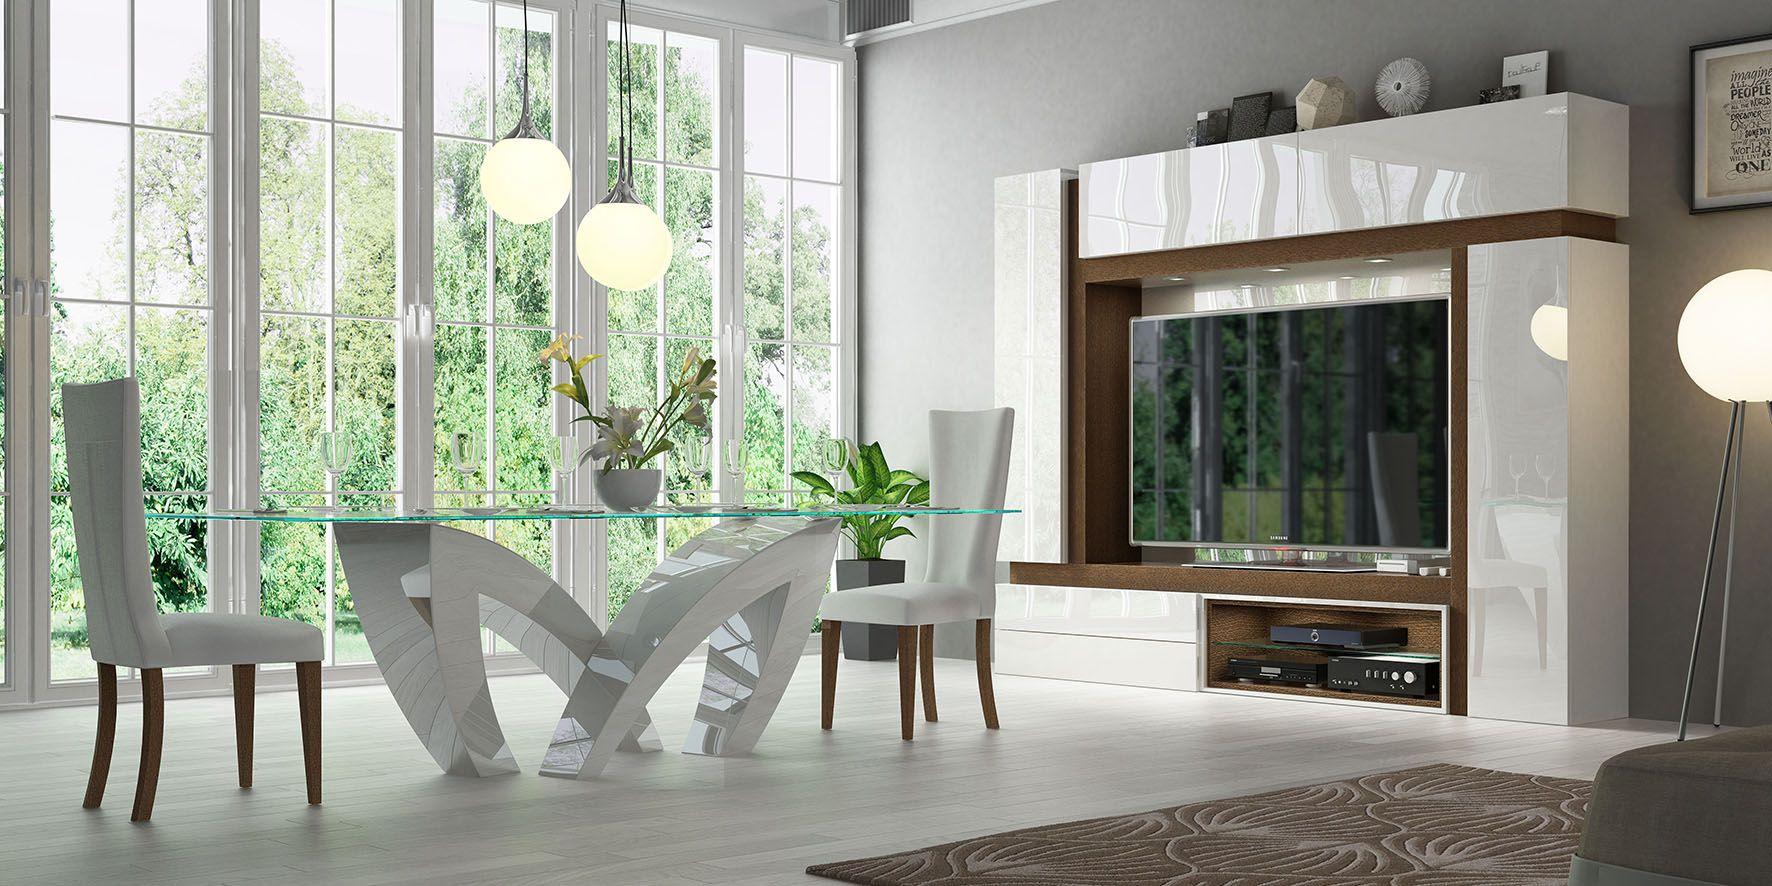 Compacto Tv Con Mesa De Dise O A Juego Un Ambiente Muy Coqueto  # Muebles Coquetos